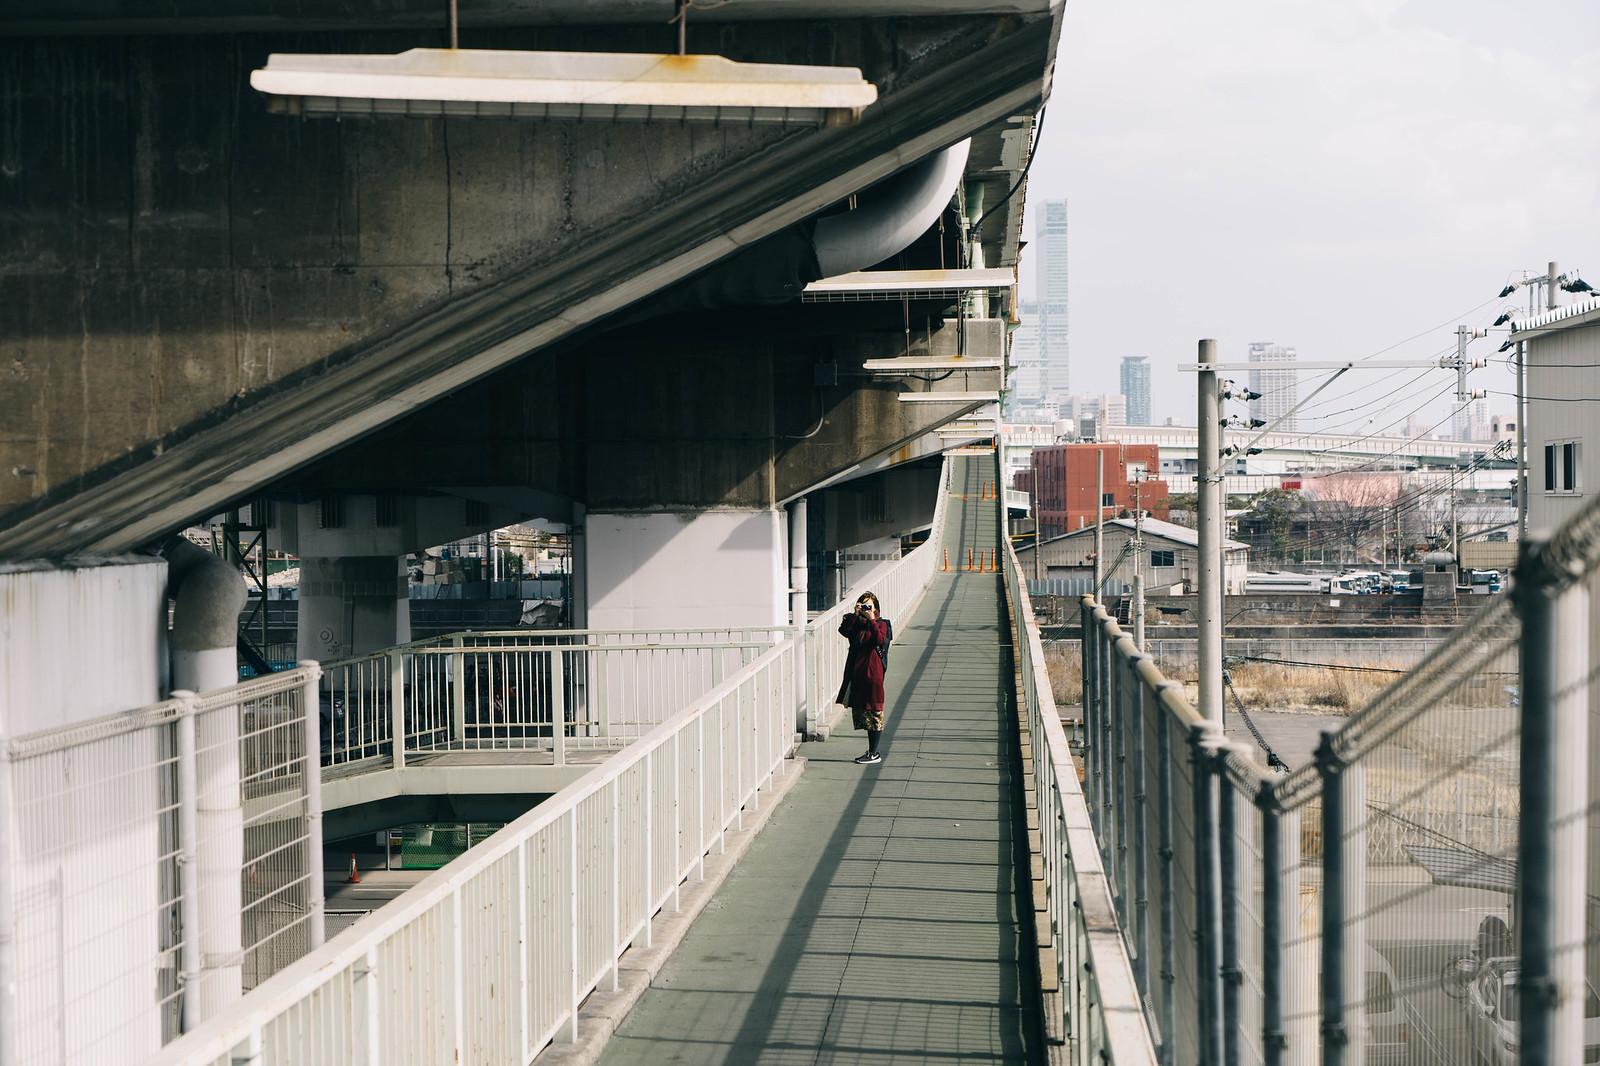 大阪で写真を撮るのに意外とオススメな大正区に行ってきた https://farm5.staticflickr.com/4655/39436989965_e53d13bb25_h.jpg